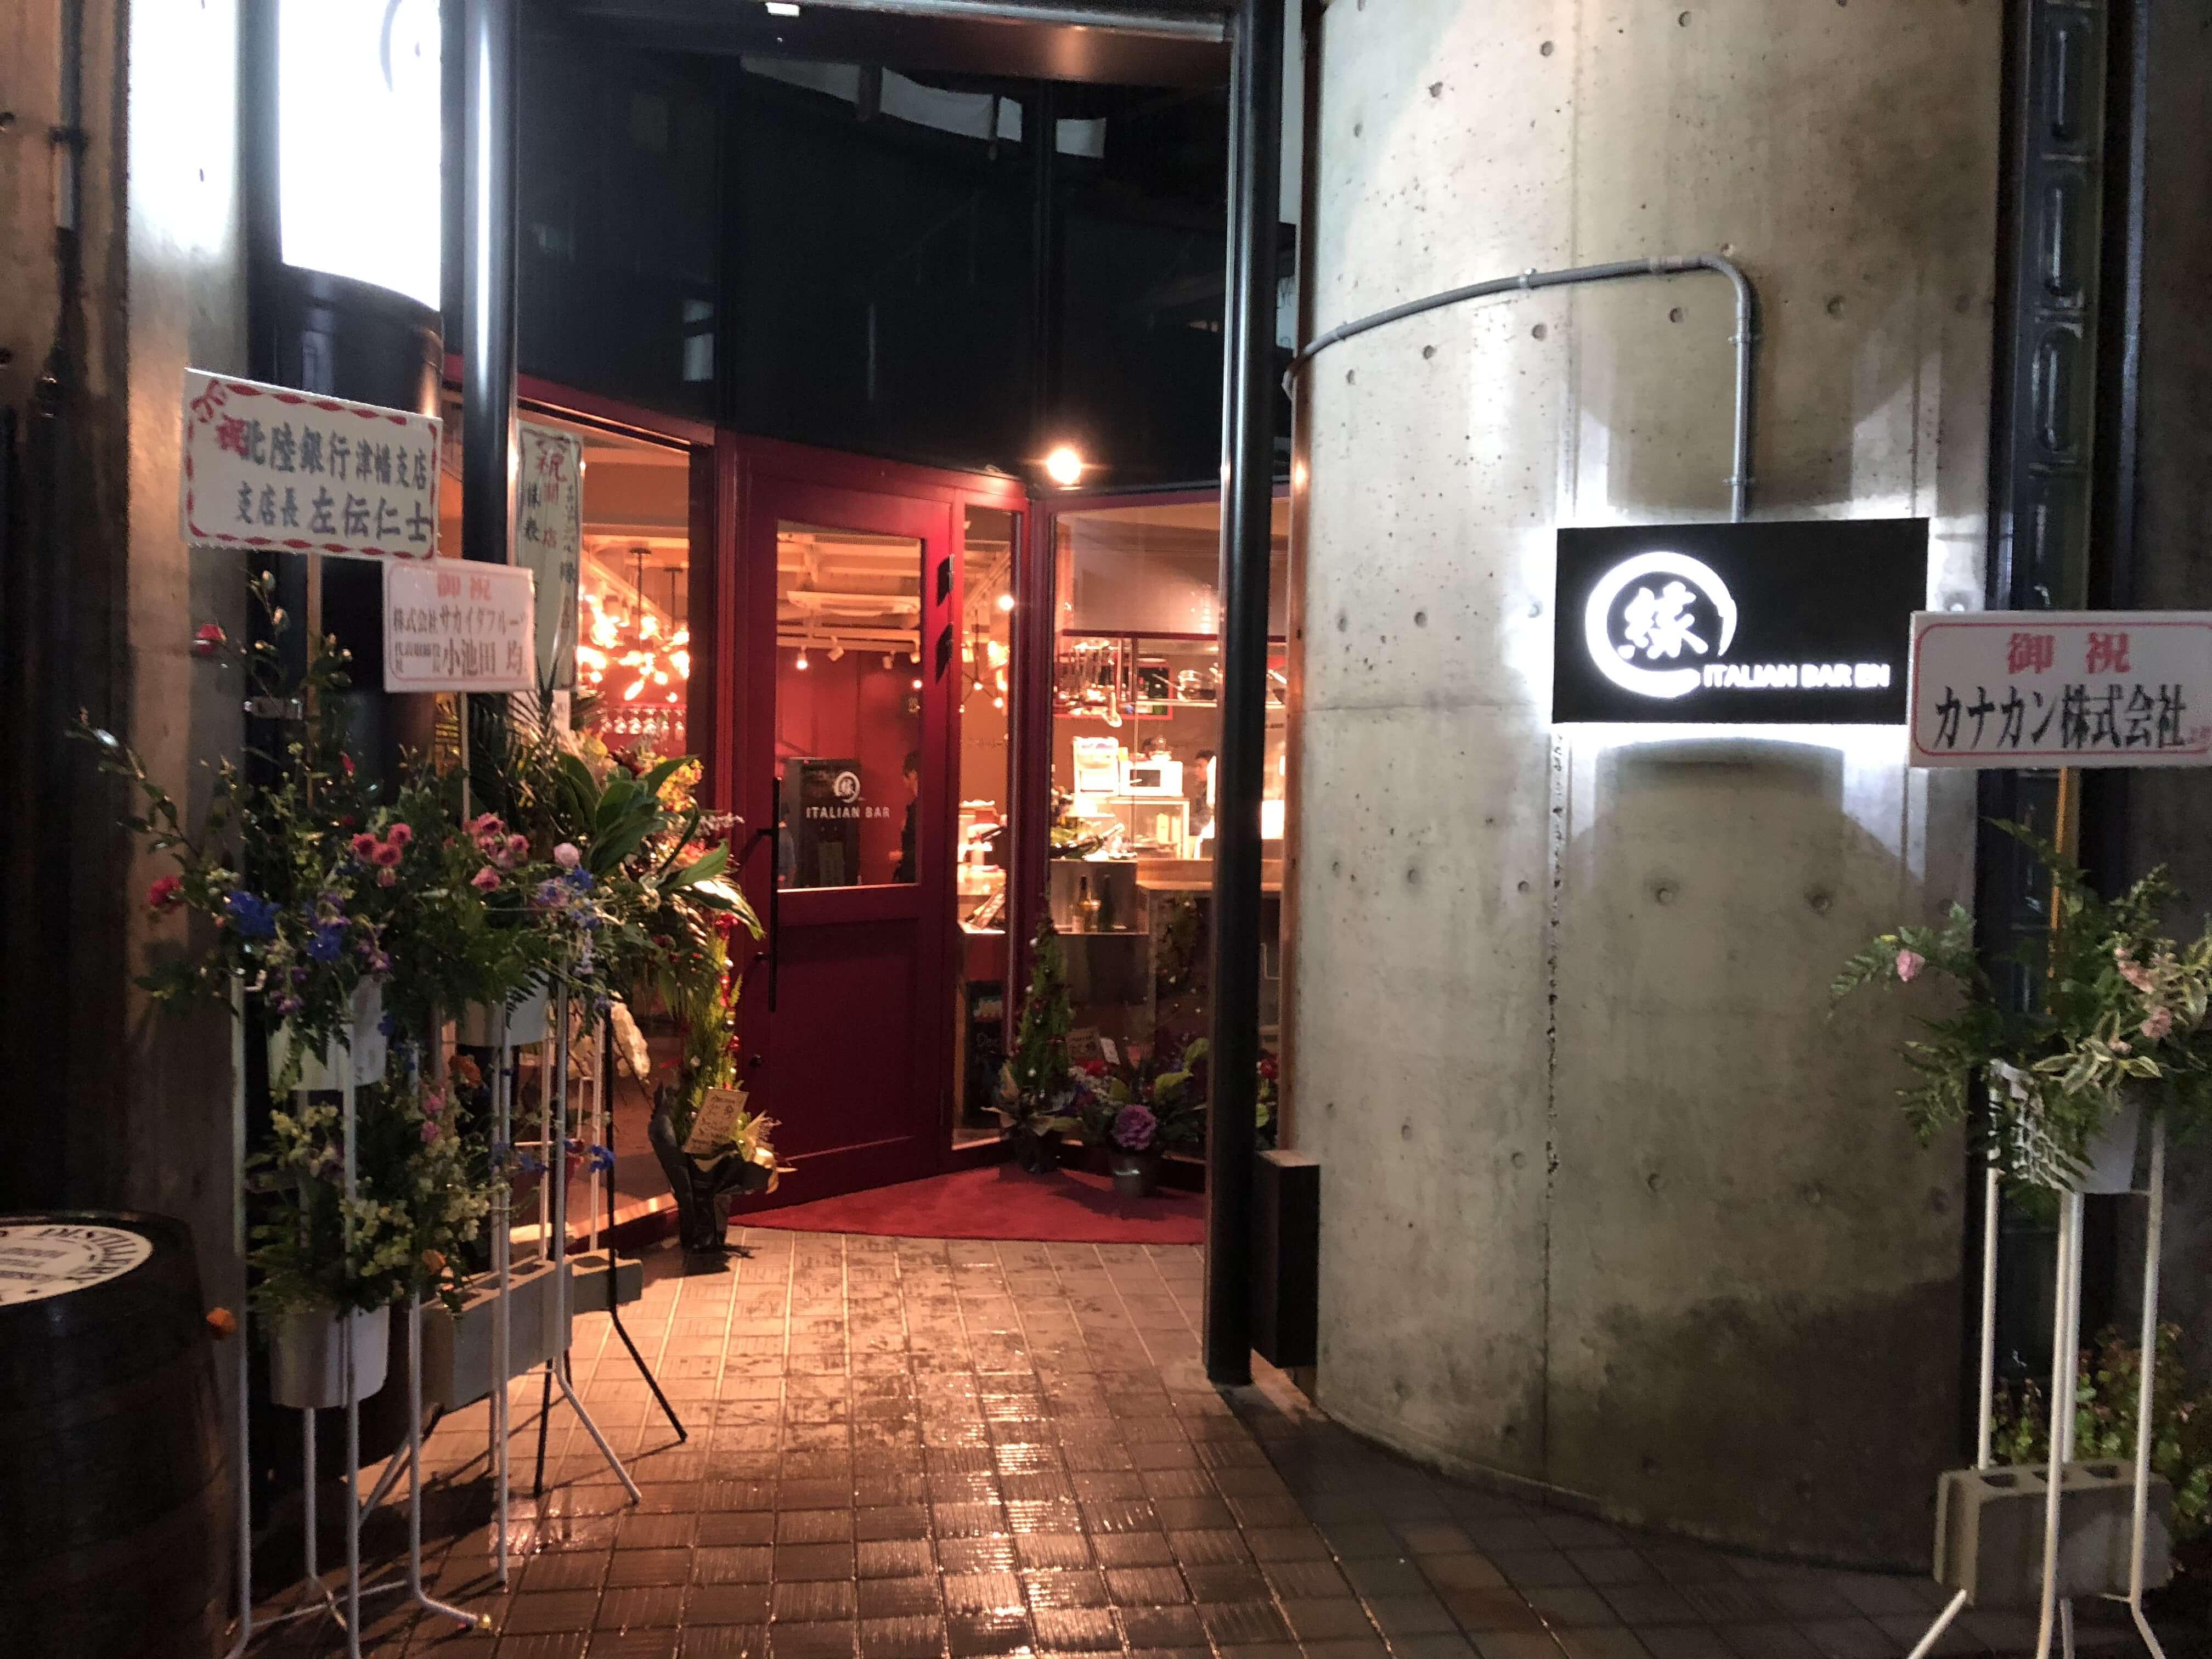 『 イタリアン バル 縁 -en- 』マニアックな魚推しのイタリアンバルが柿木畠にNEWオープン !!